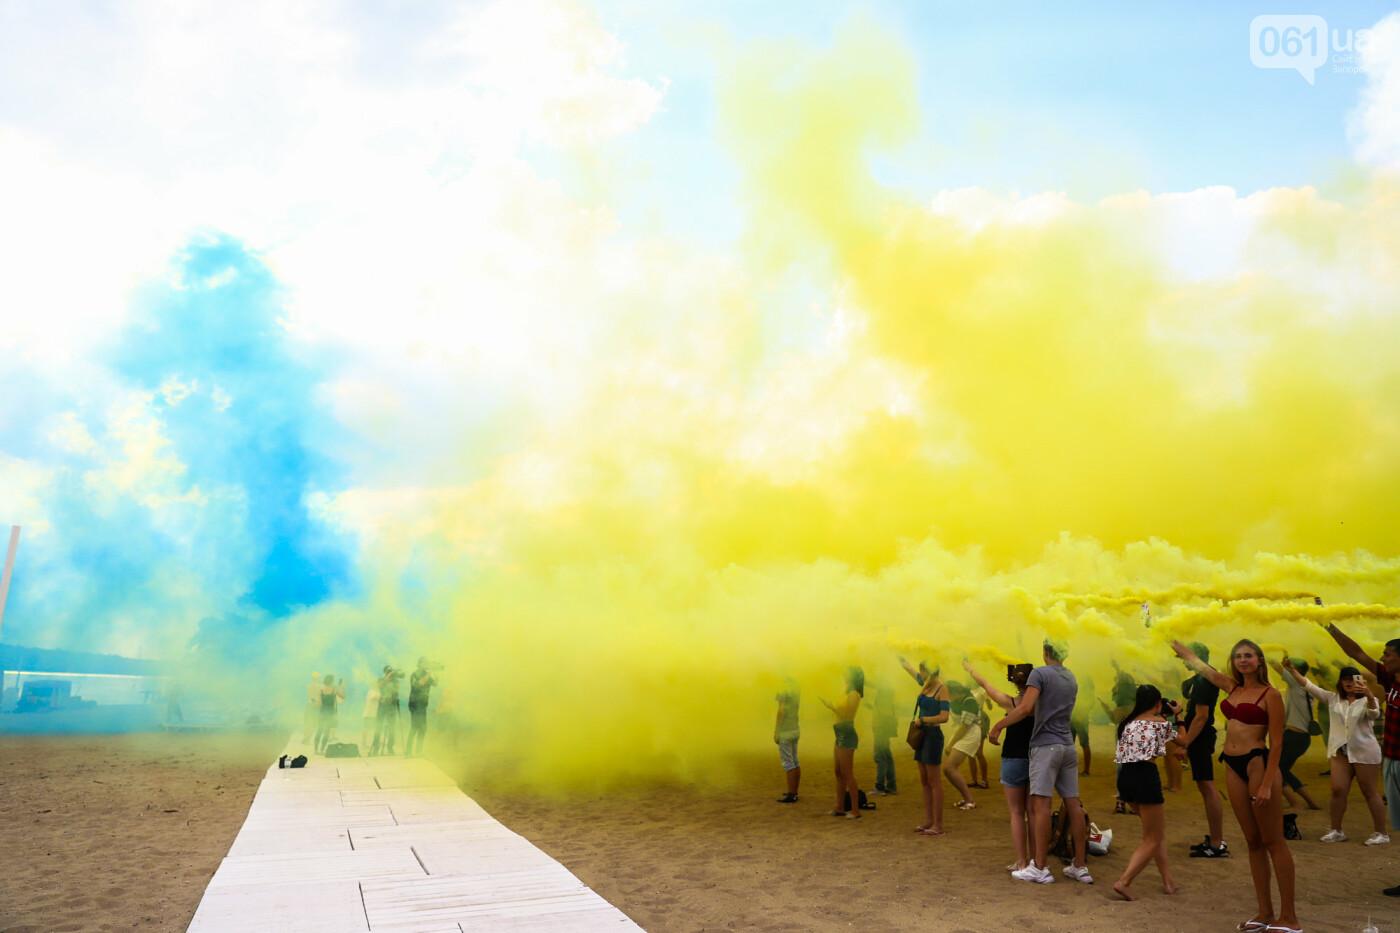 На пляже в Запорожье зажгли желто-синие дымовые шашки и установили рекорд Украины, - ФОТОРЕПОРТАЖ, фото-22